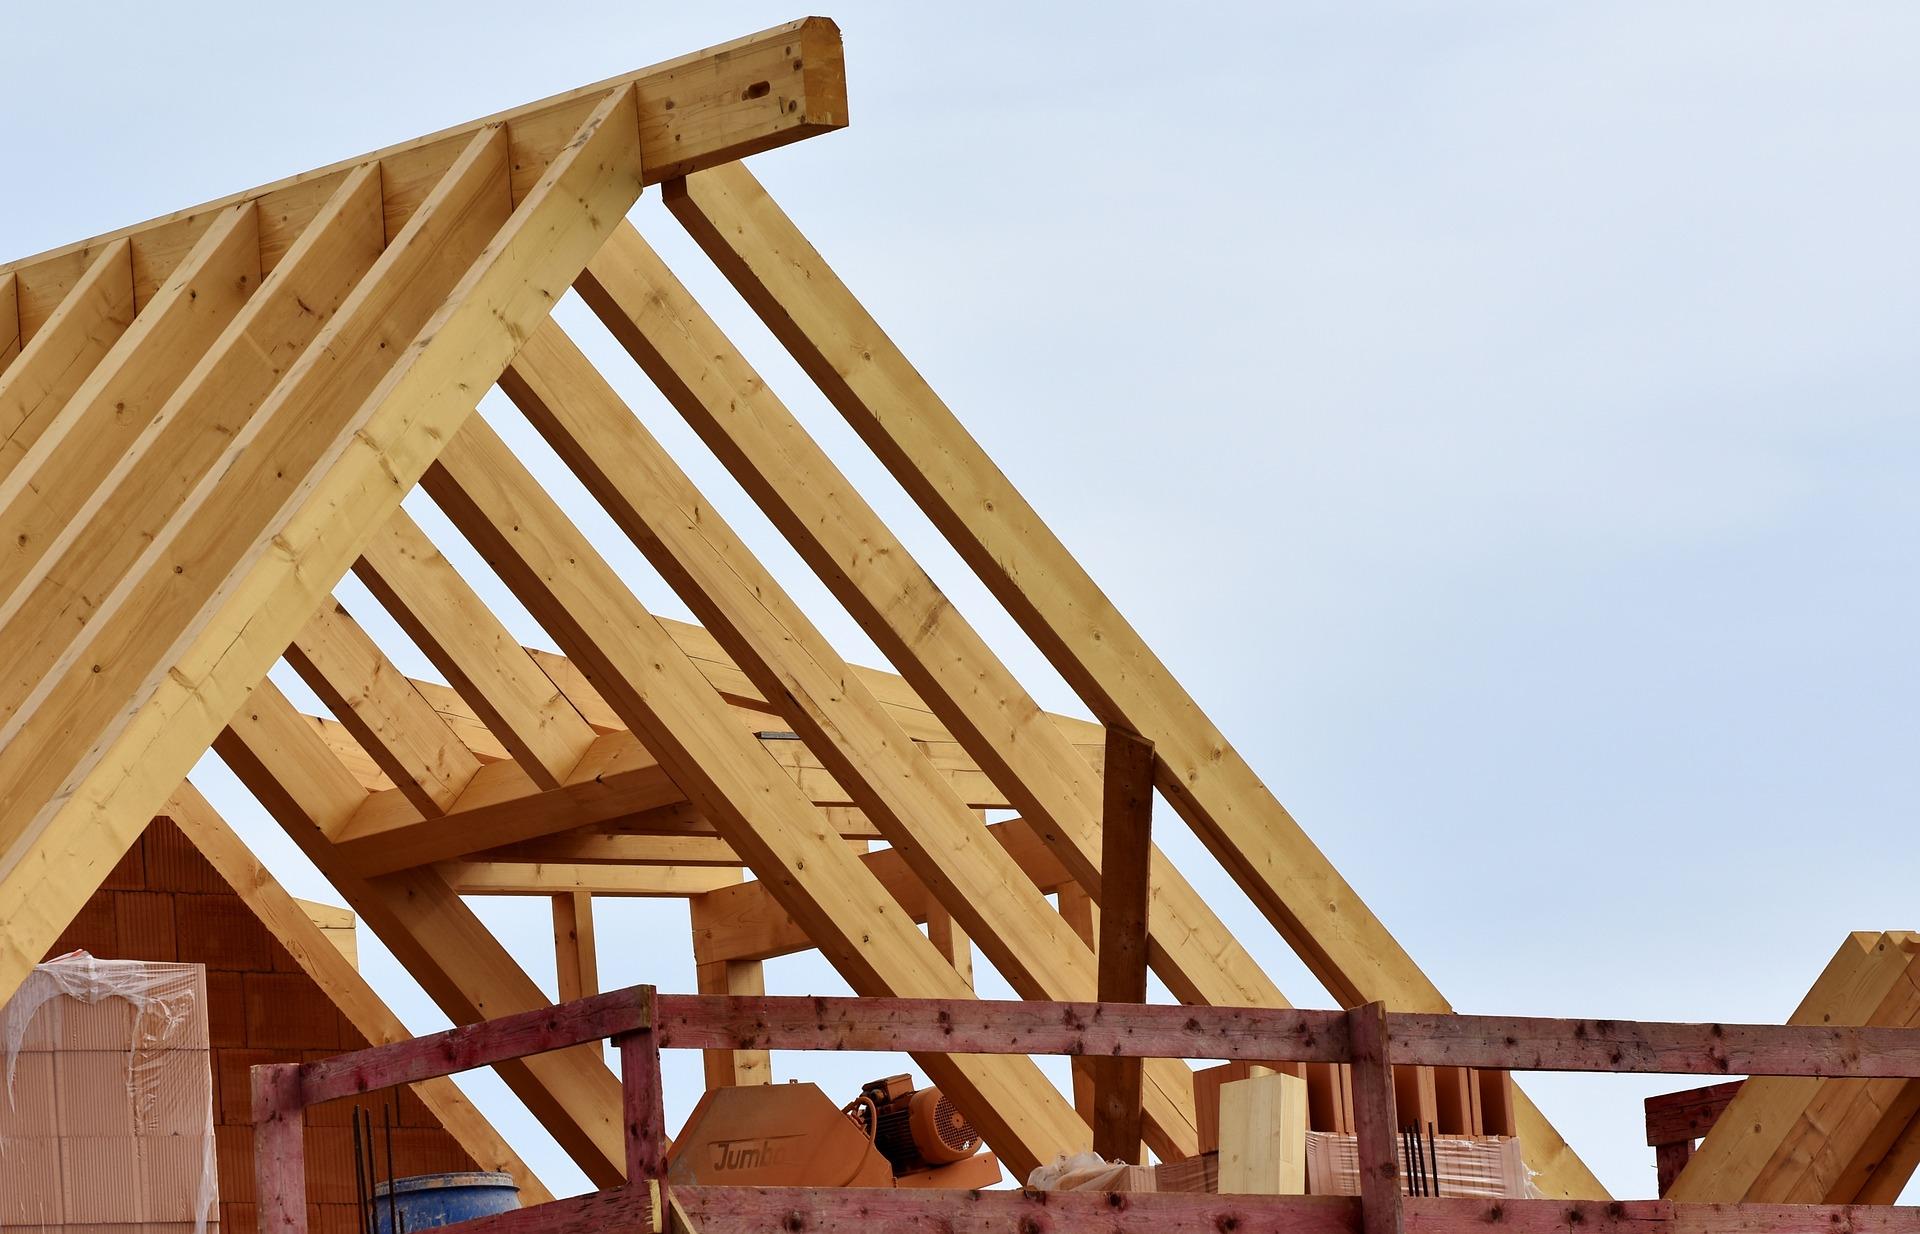 rénovation toiture a travers toit rennes